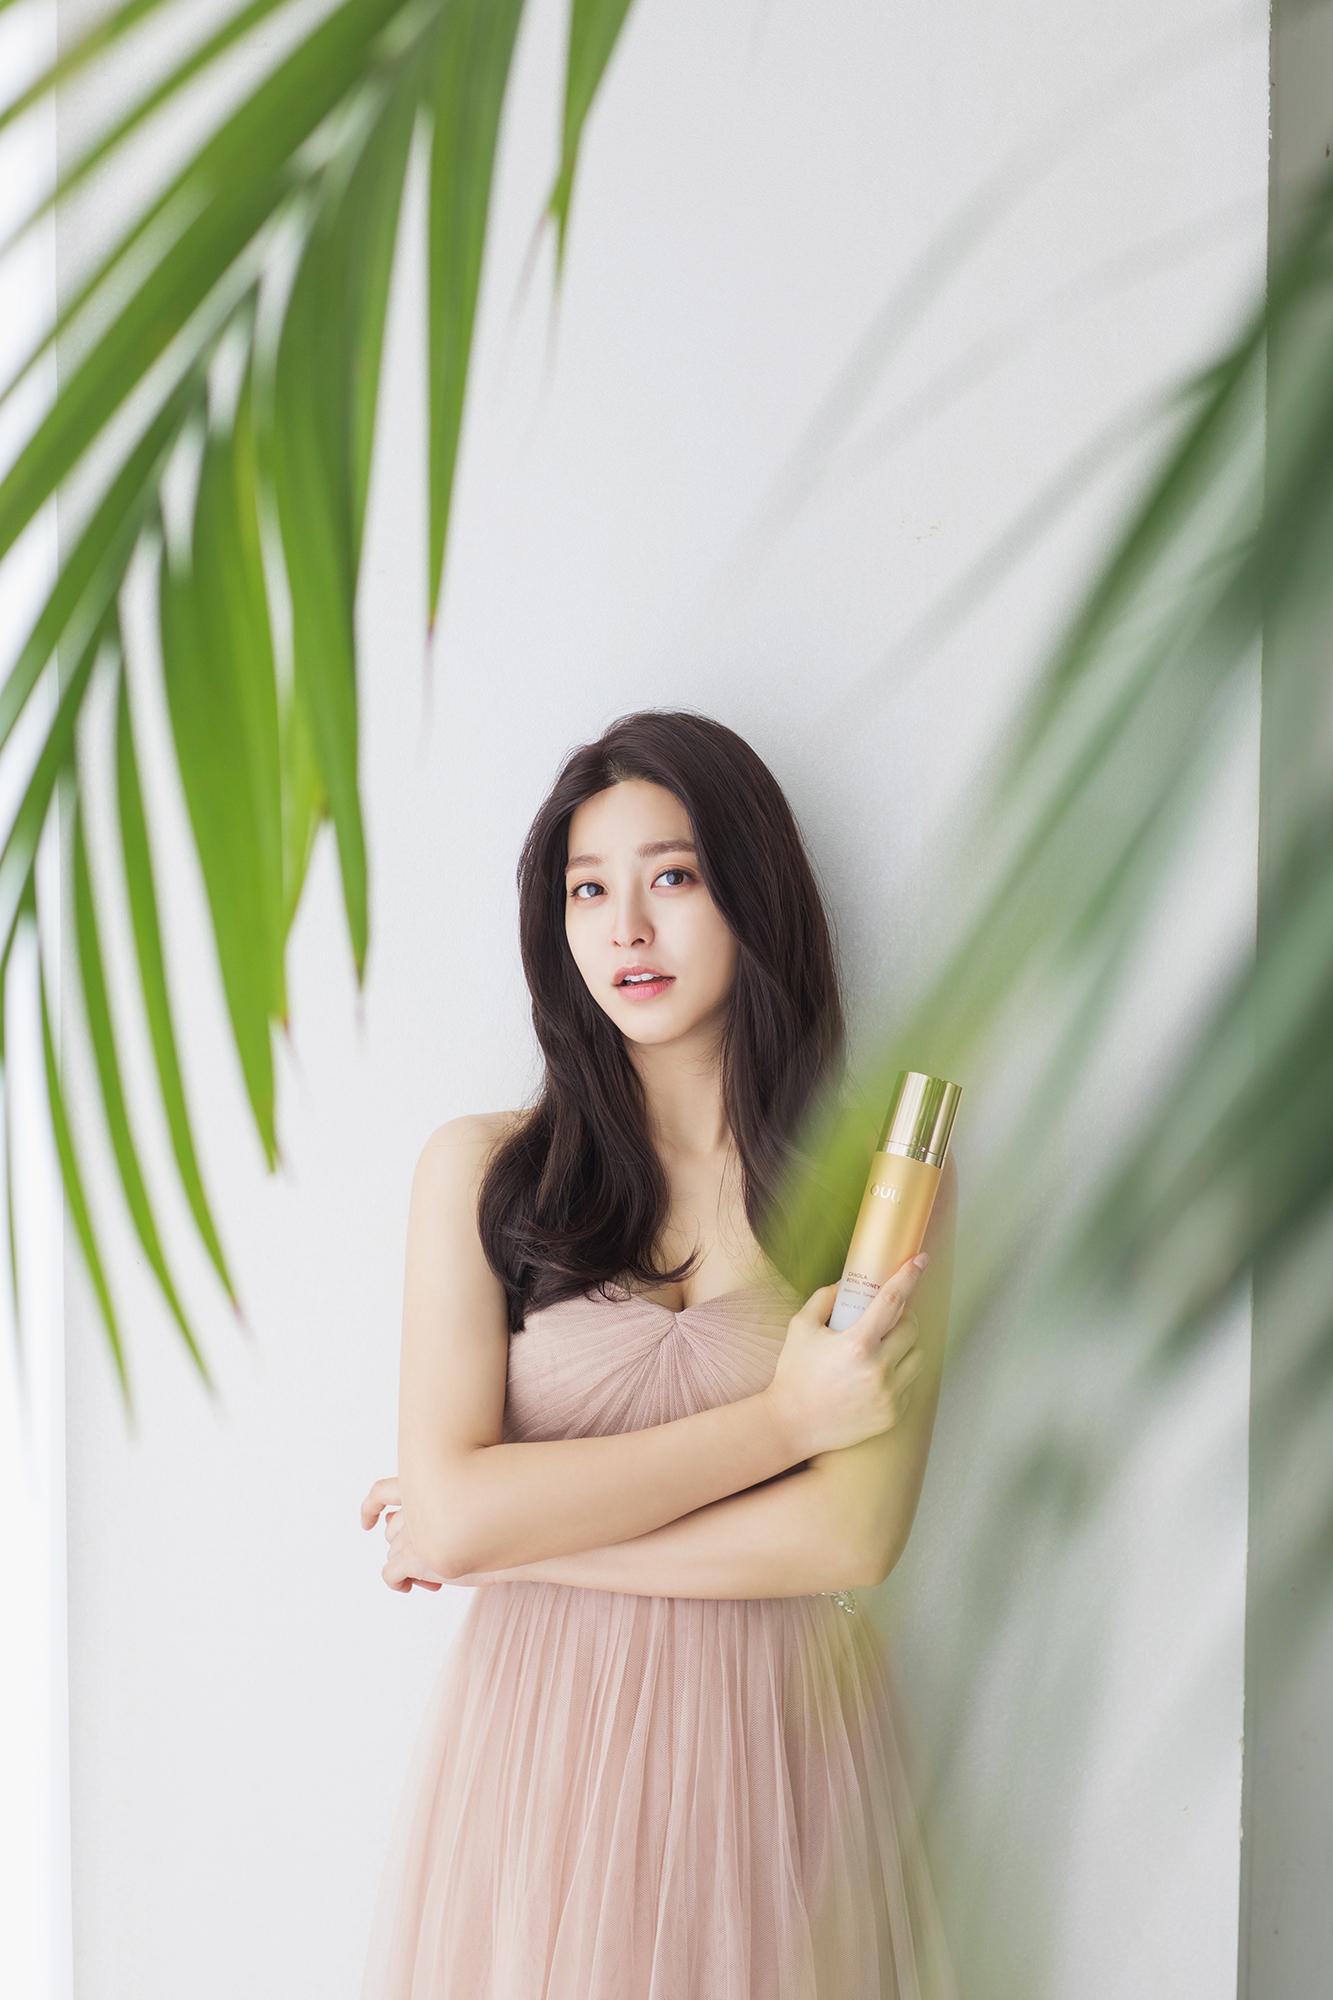 배우 박세영, '러블리 여신'이미지로 어울화장품 뮤즈에 발탁